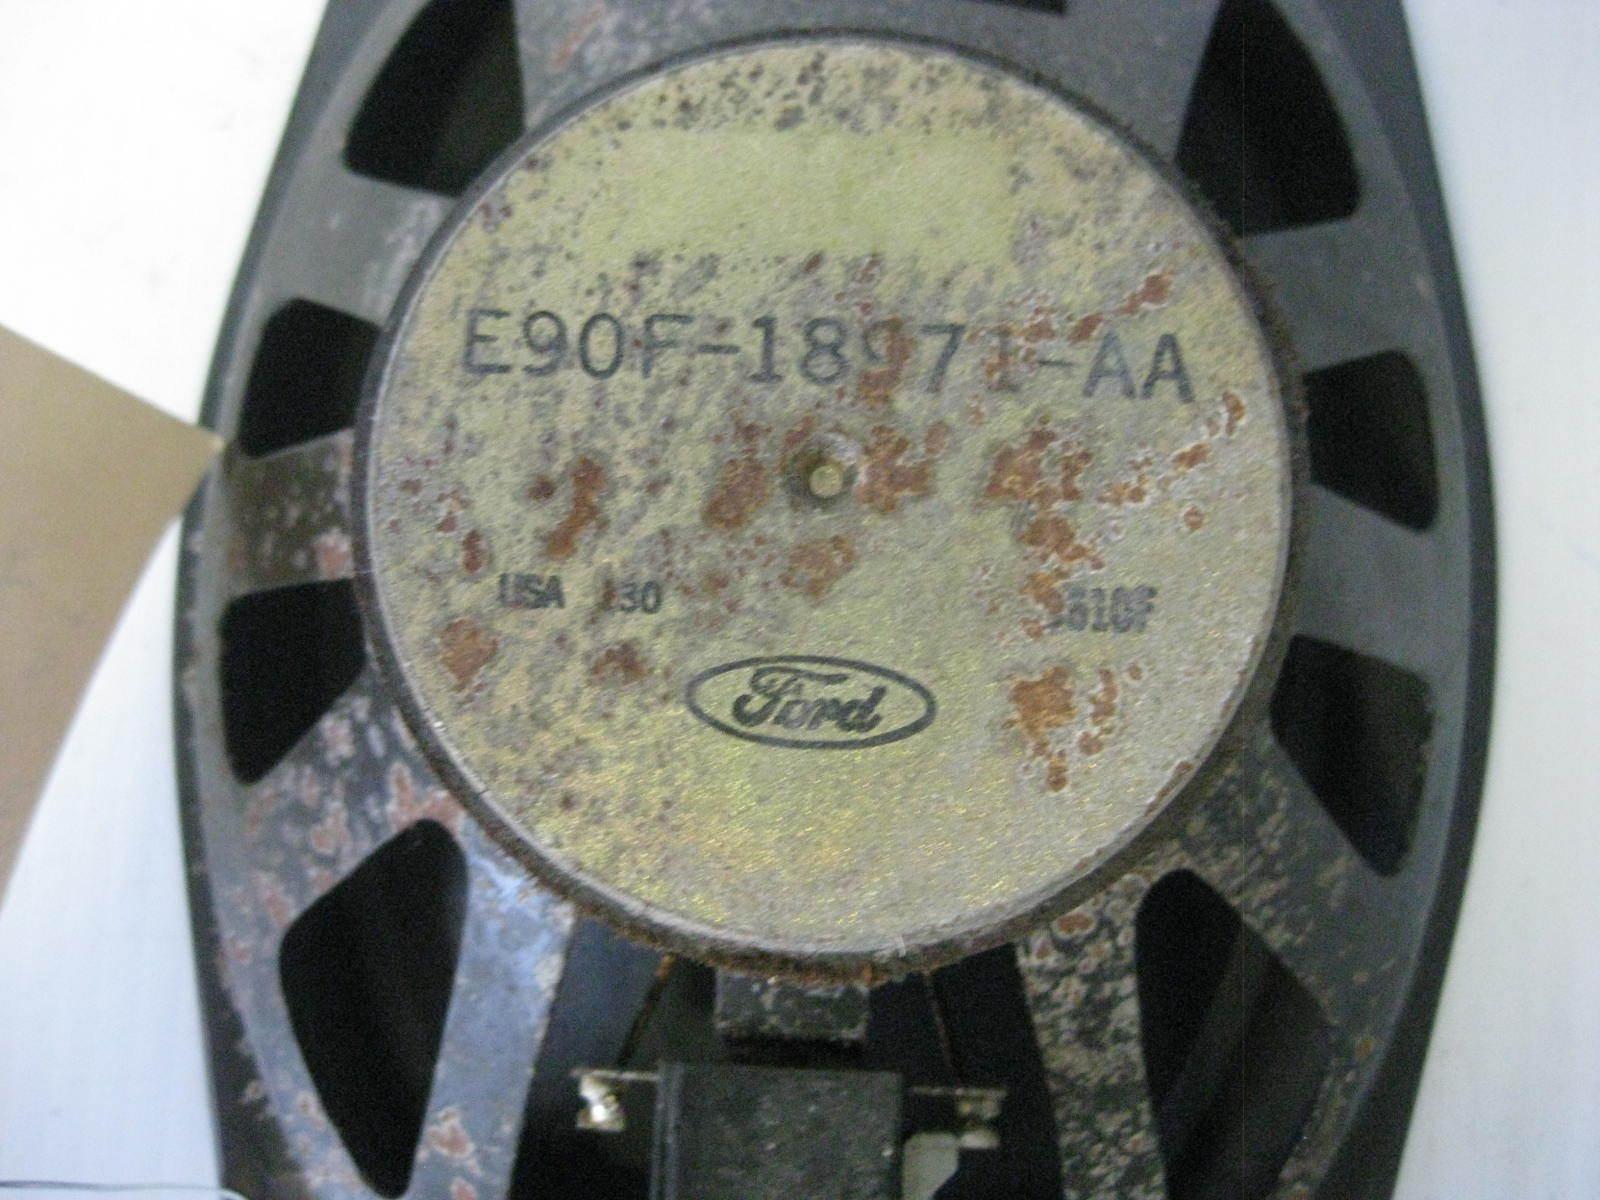 Ford Aerostar 1996 Speaker Passenger/Driver Side OEM